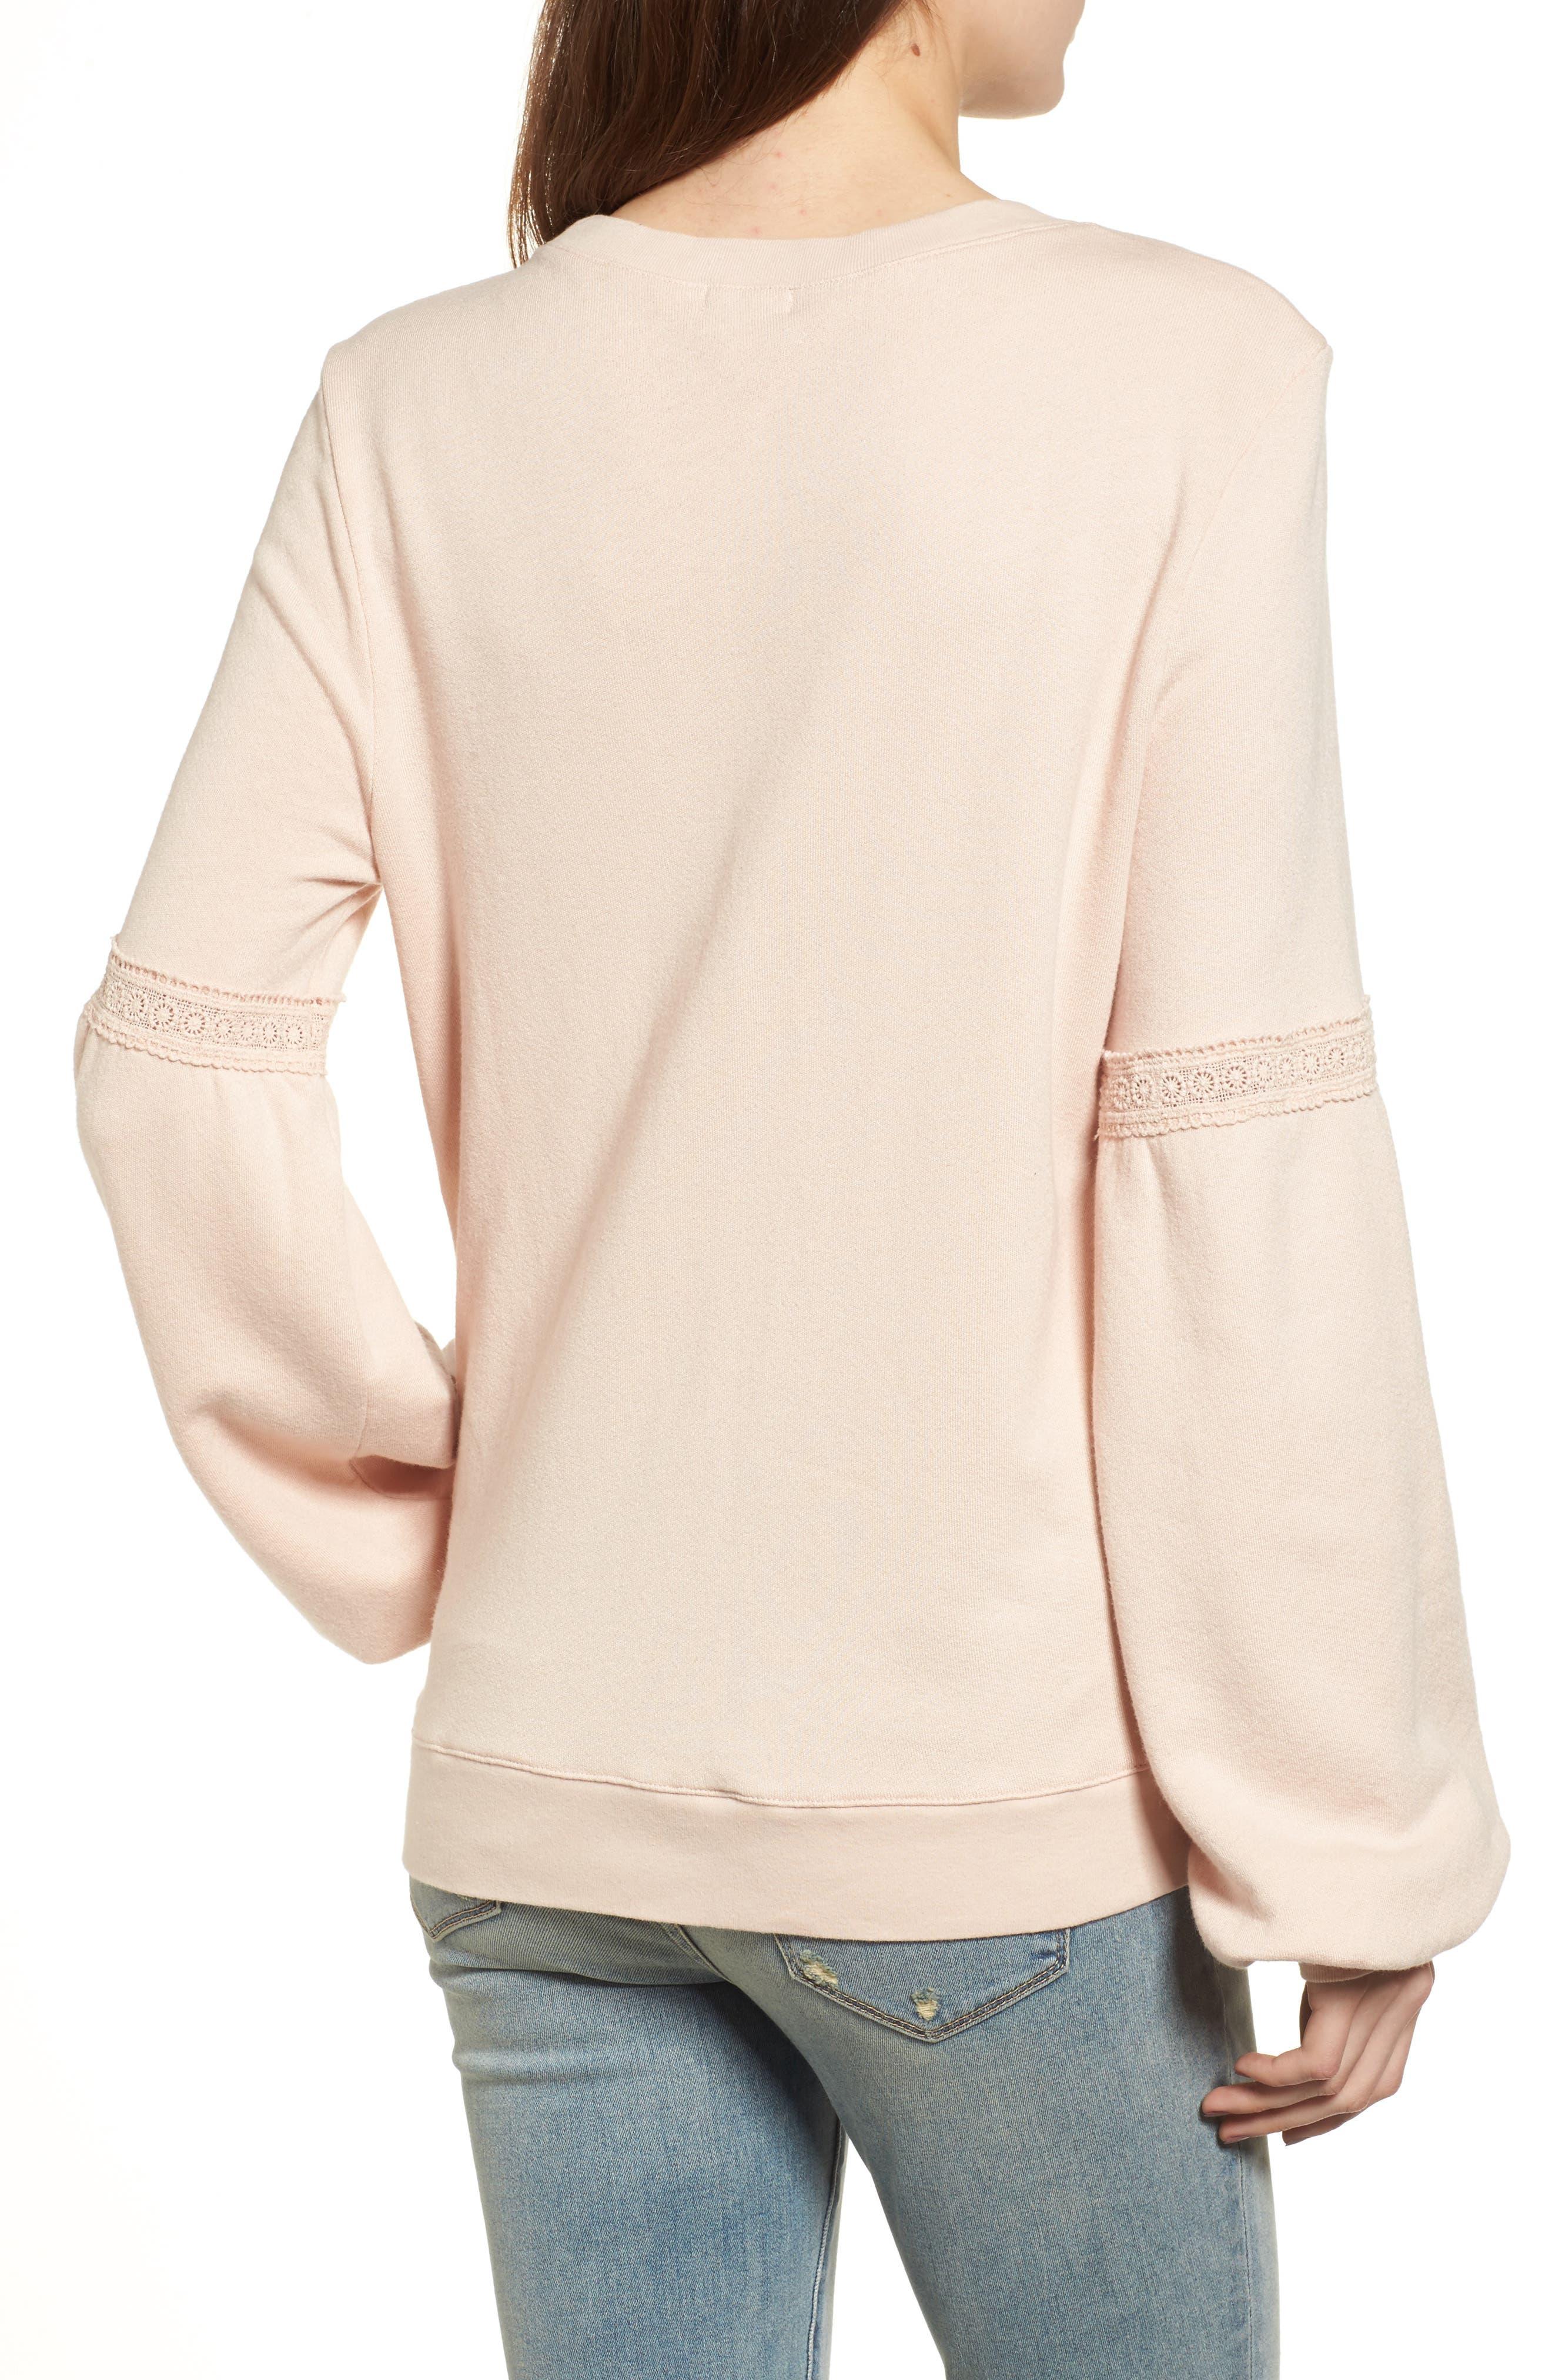 Blouson Sleeve Sweatshirt,                             Alternate thumbnail 2, color,                             Ivory Shell